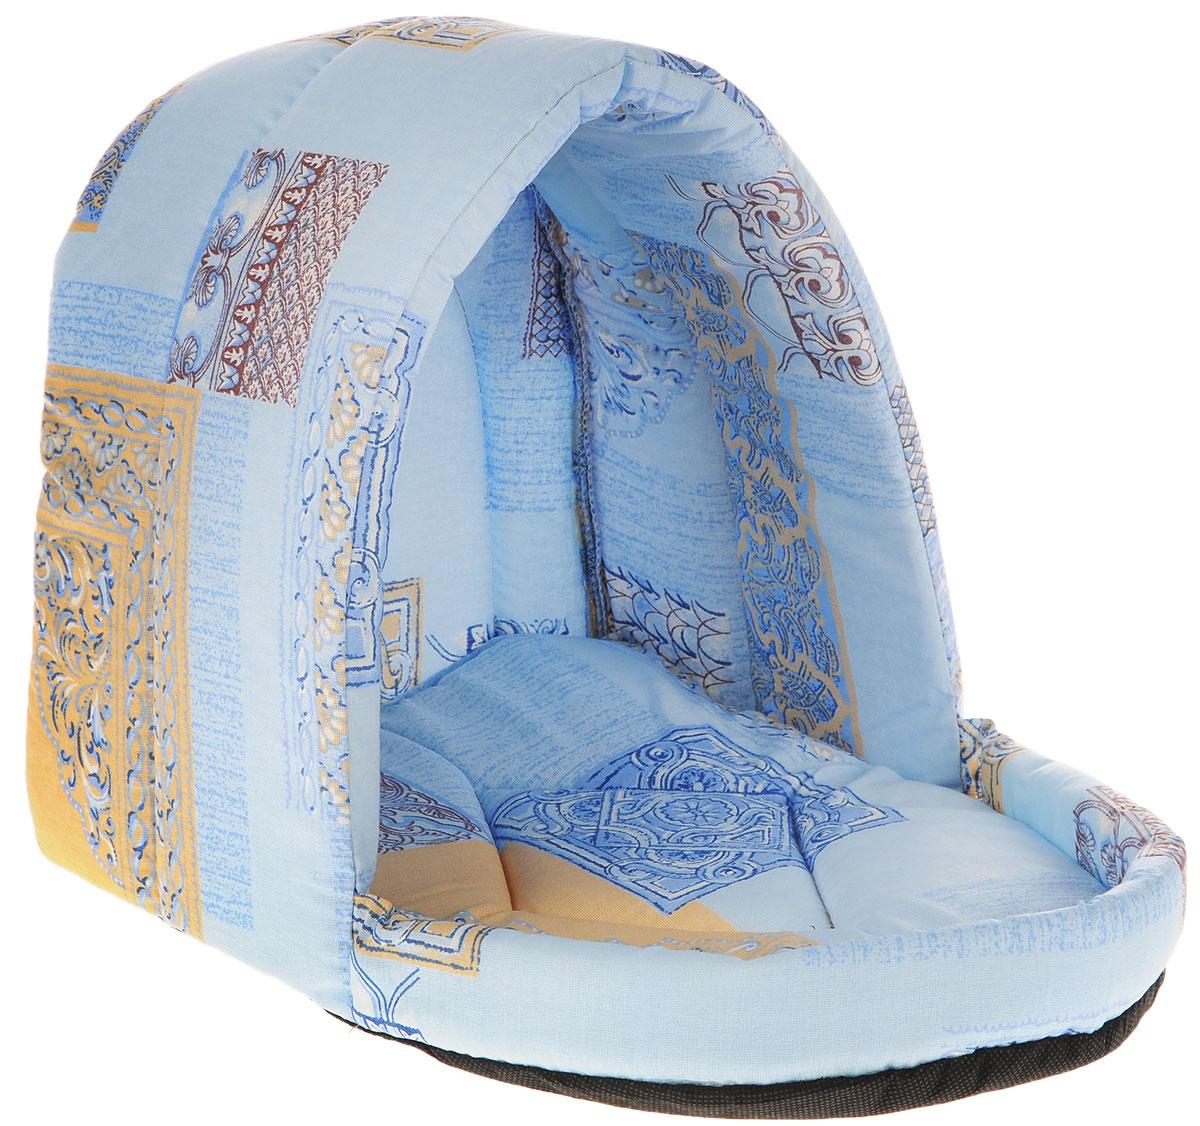 Лежак для животных Elite Valley Люлька, цвет: голубой, бежевый, 37 х 28 х 28 см. Л-11/2 лежак для животных elite valley пуфик цвет синий розовый зеленый 90 х 70 х 18 см л 4 5